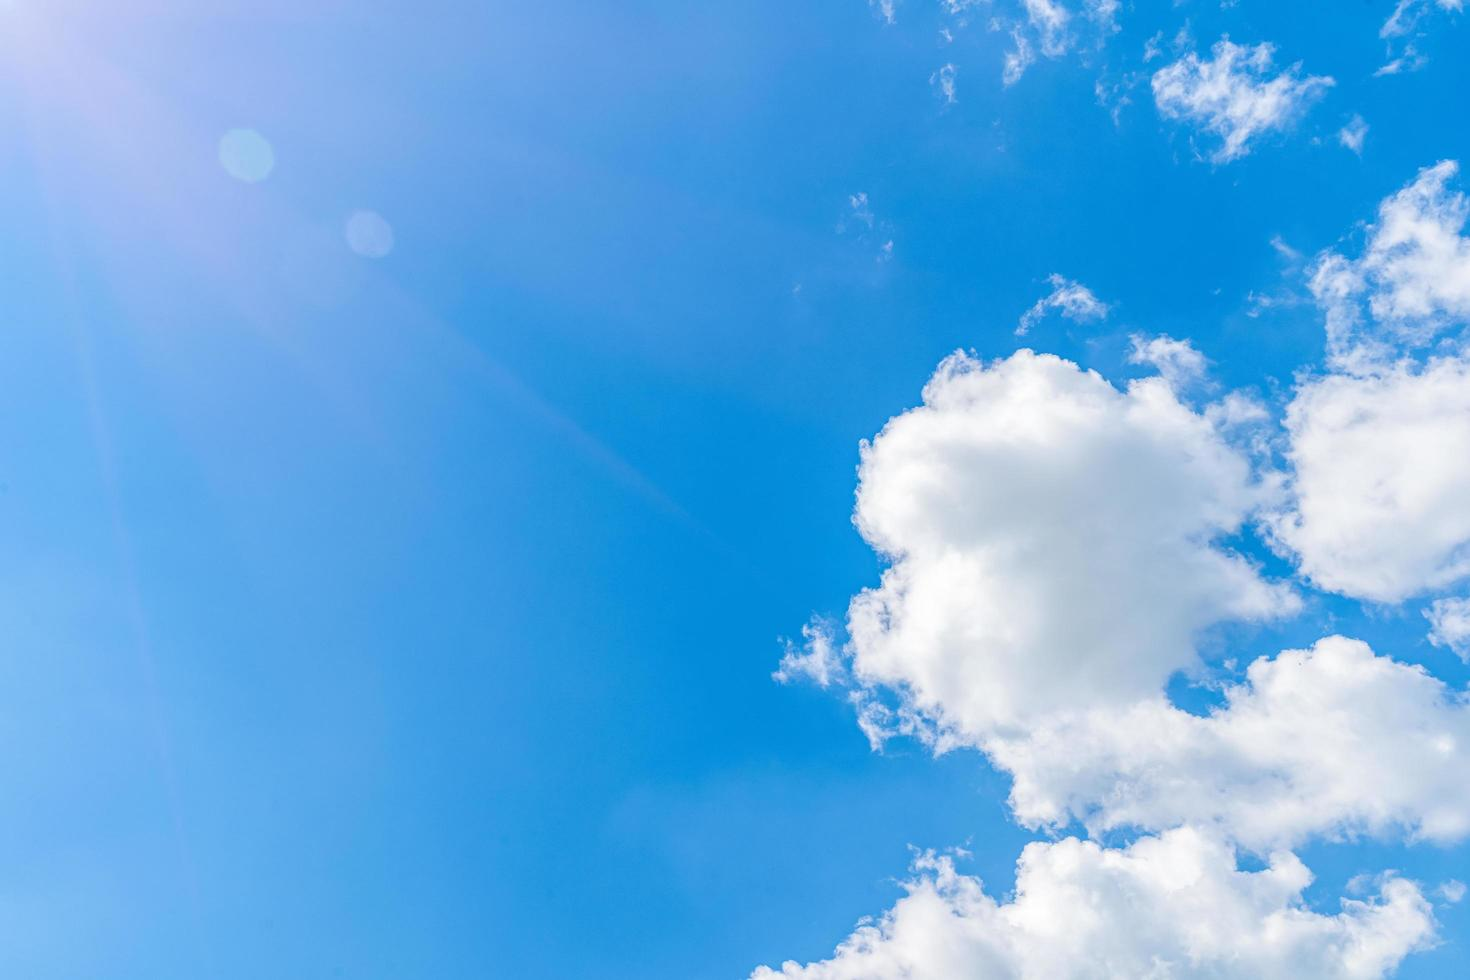 blå himmel med vita moln i soligt väder foto